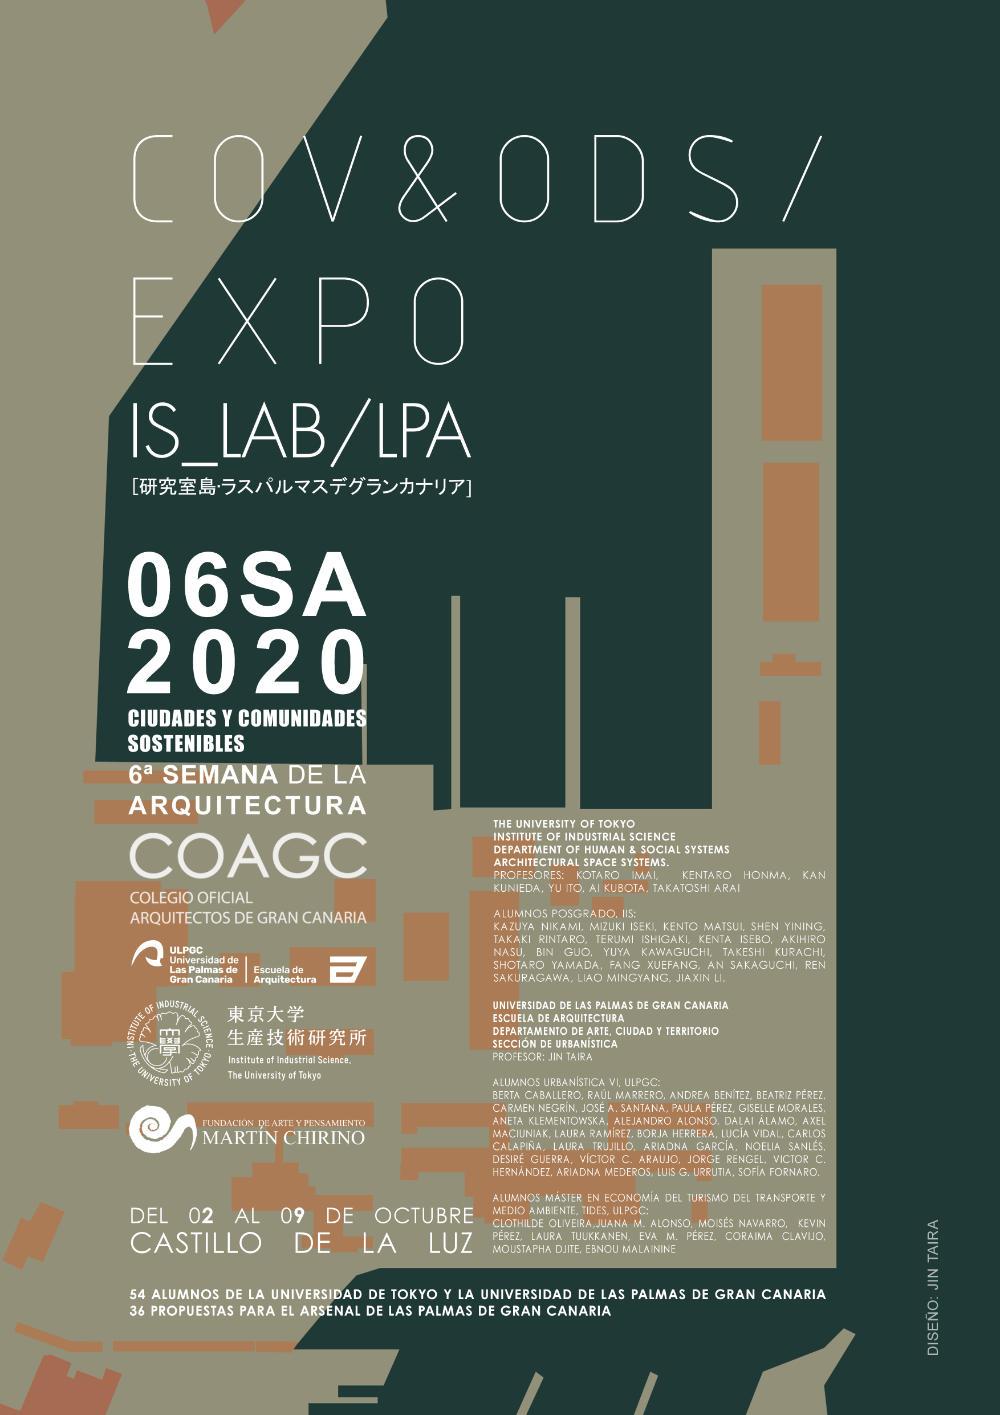 COV&ODS / Expo